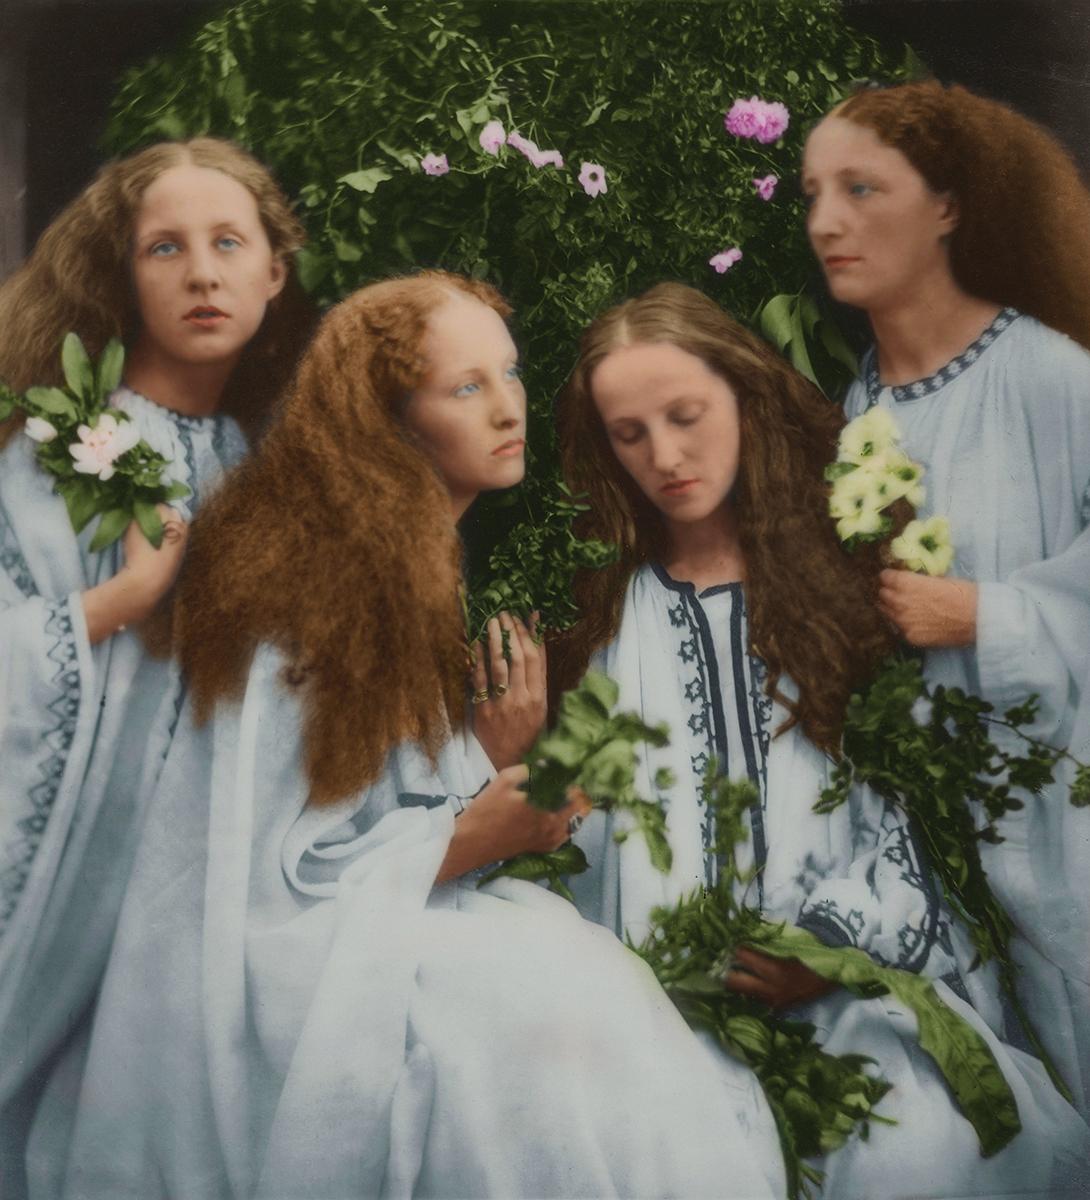 marielouchatel_The Rosebud Garden of Girls.jpg